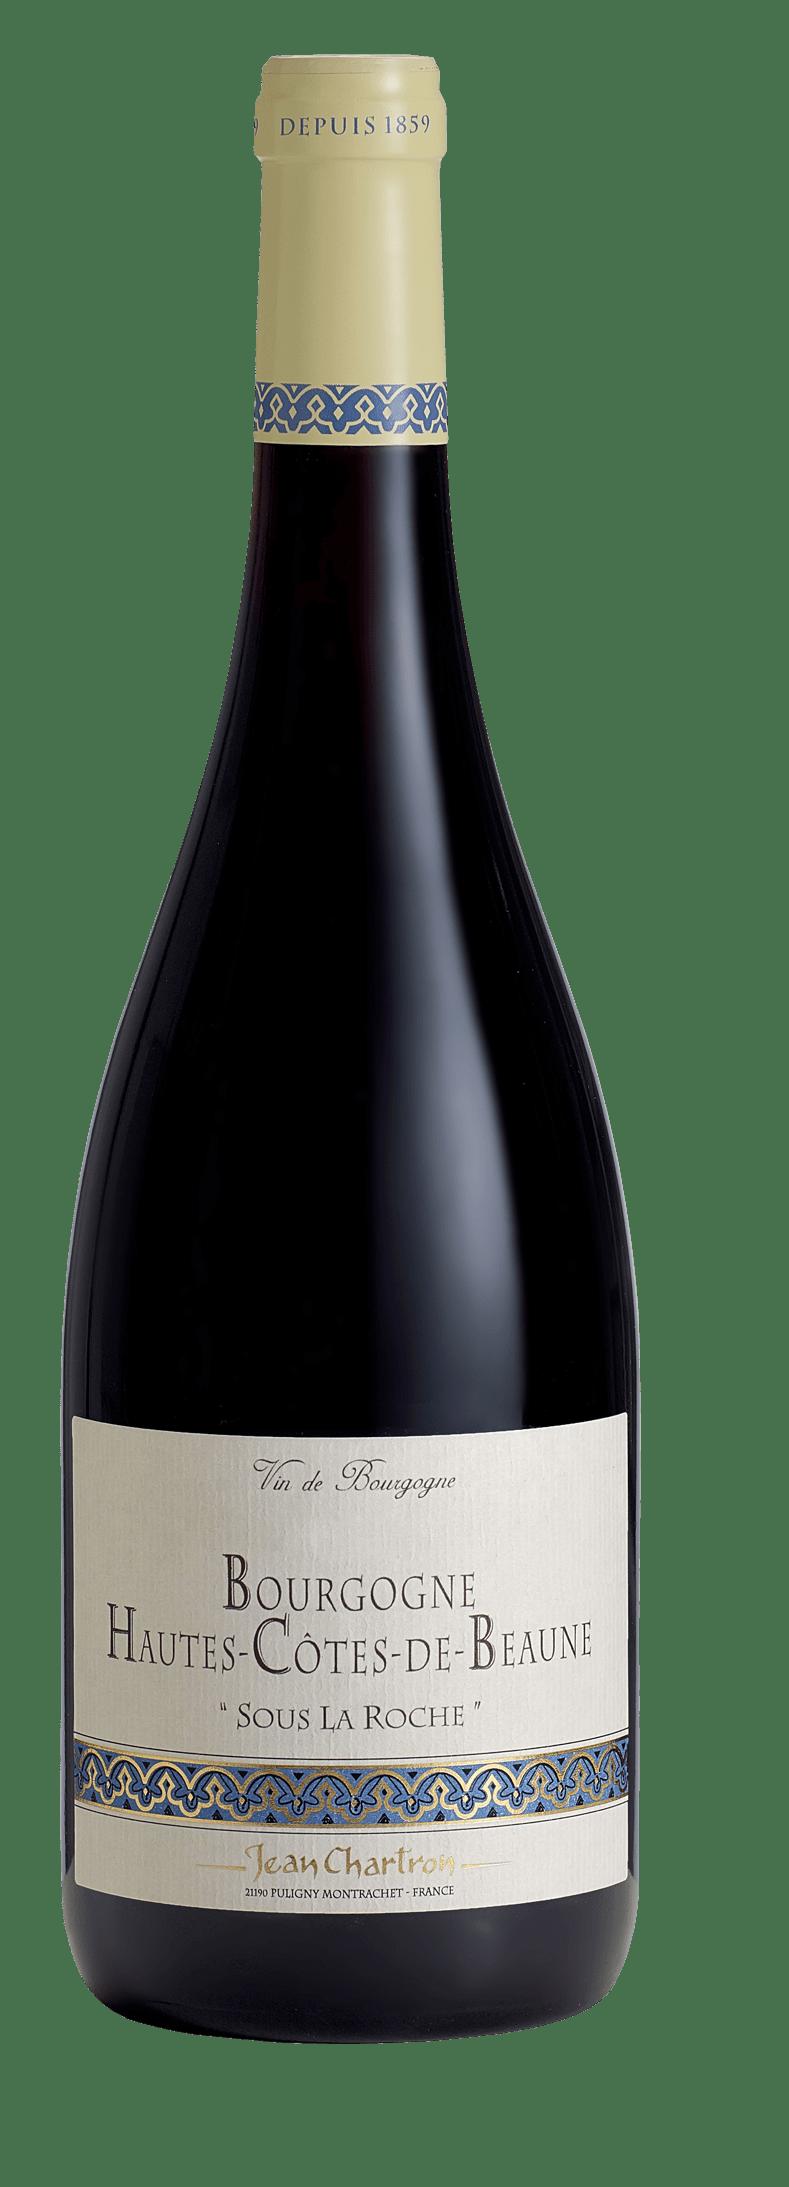 Bourgogne Haute cote de Beaune